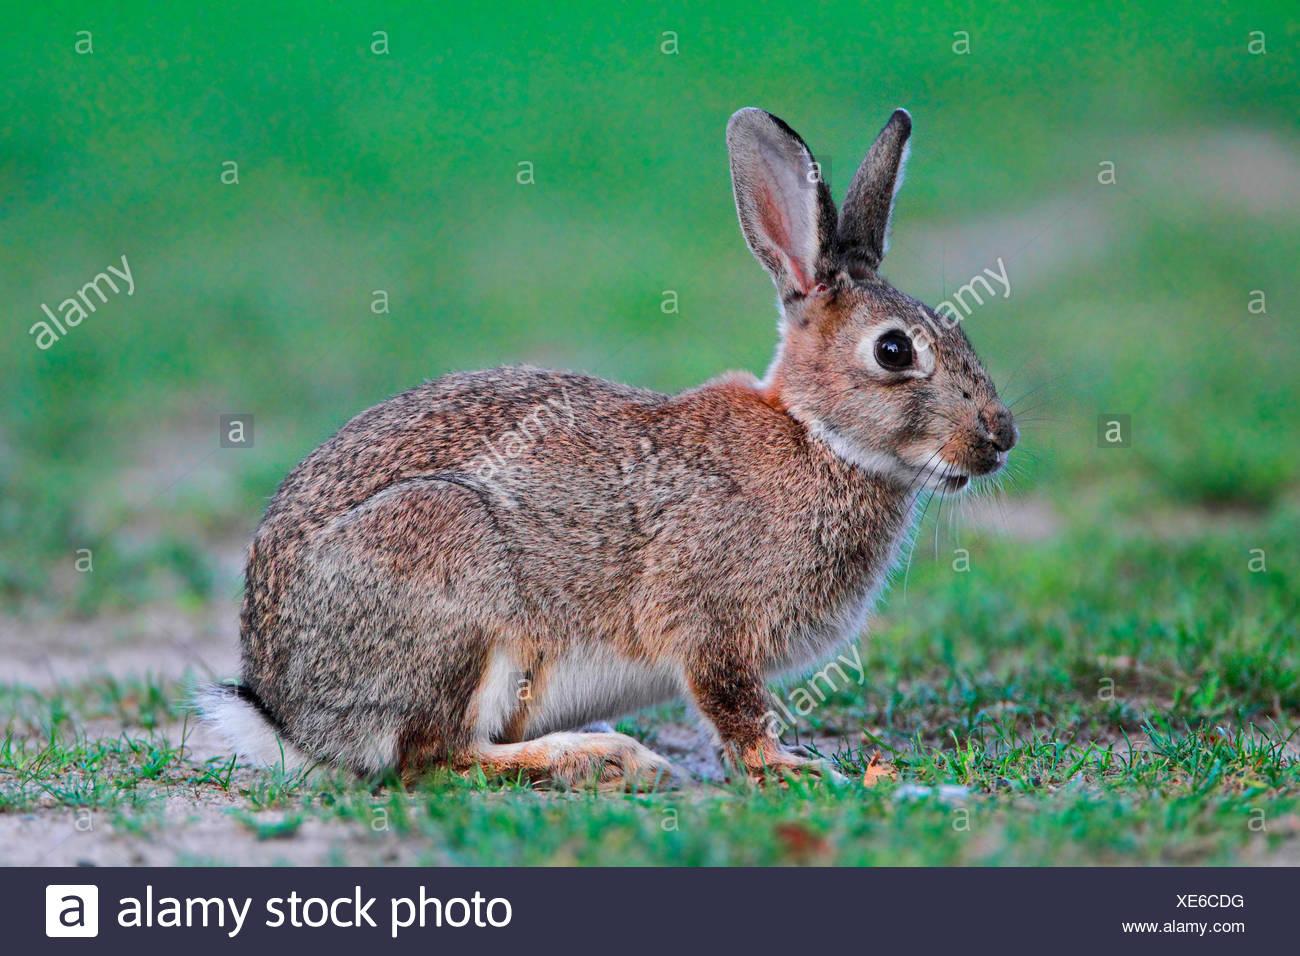 Conejo europeo (Oryctolagus cuniculus), conejo sentado en una pradera, Alemania Imagen De Stock